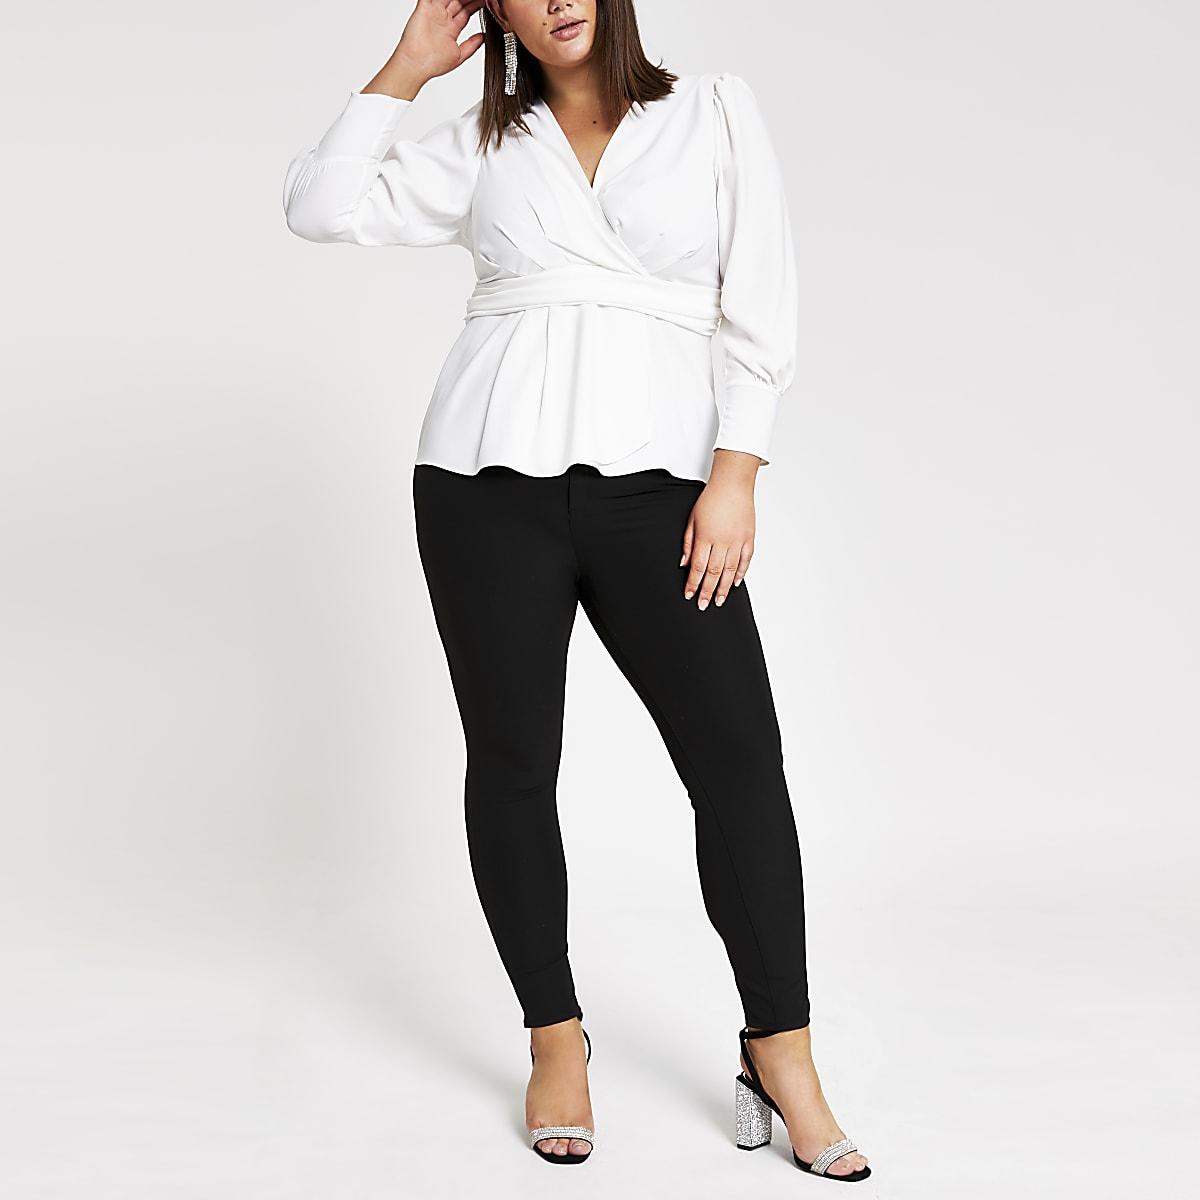 RI Plus - Witte blouse met overslag voor